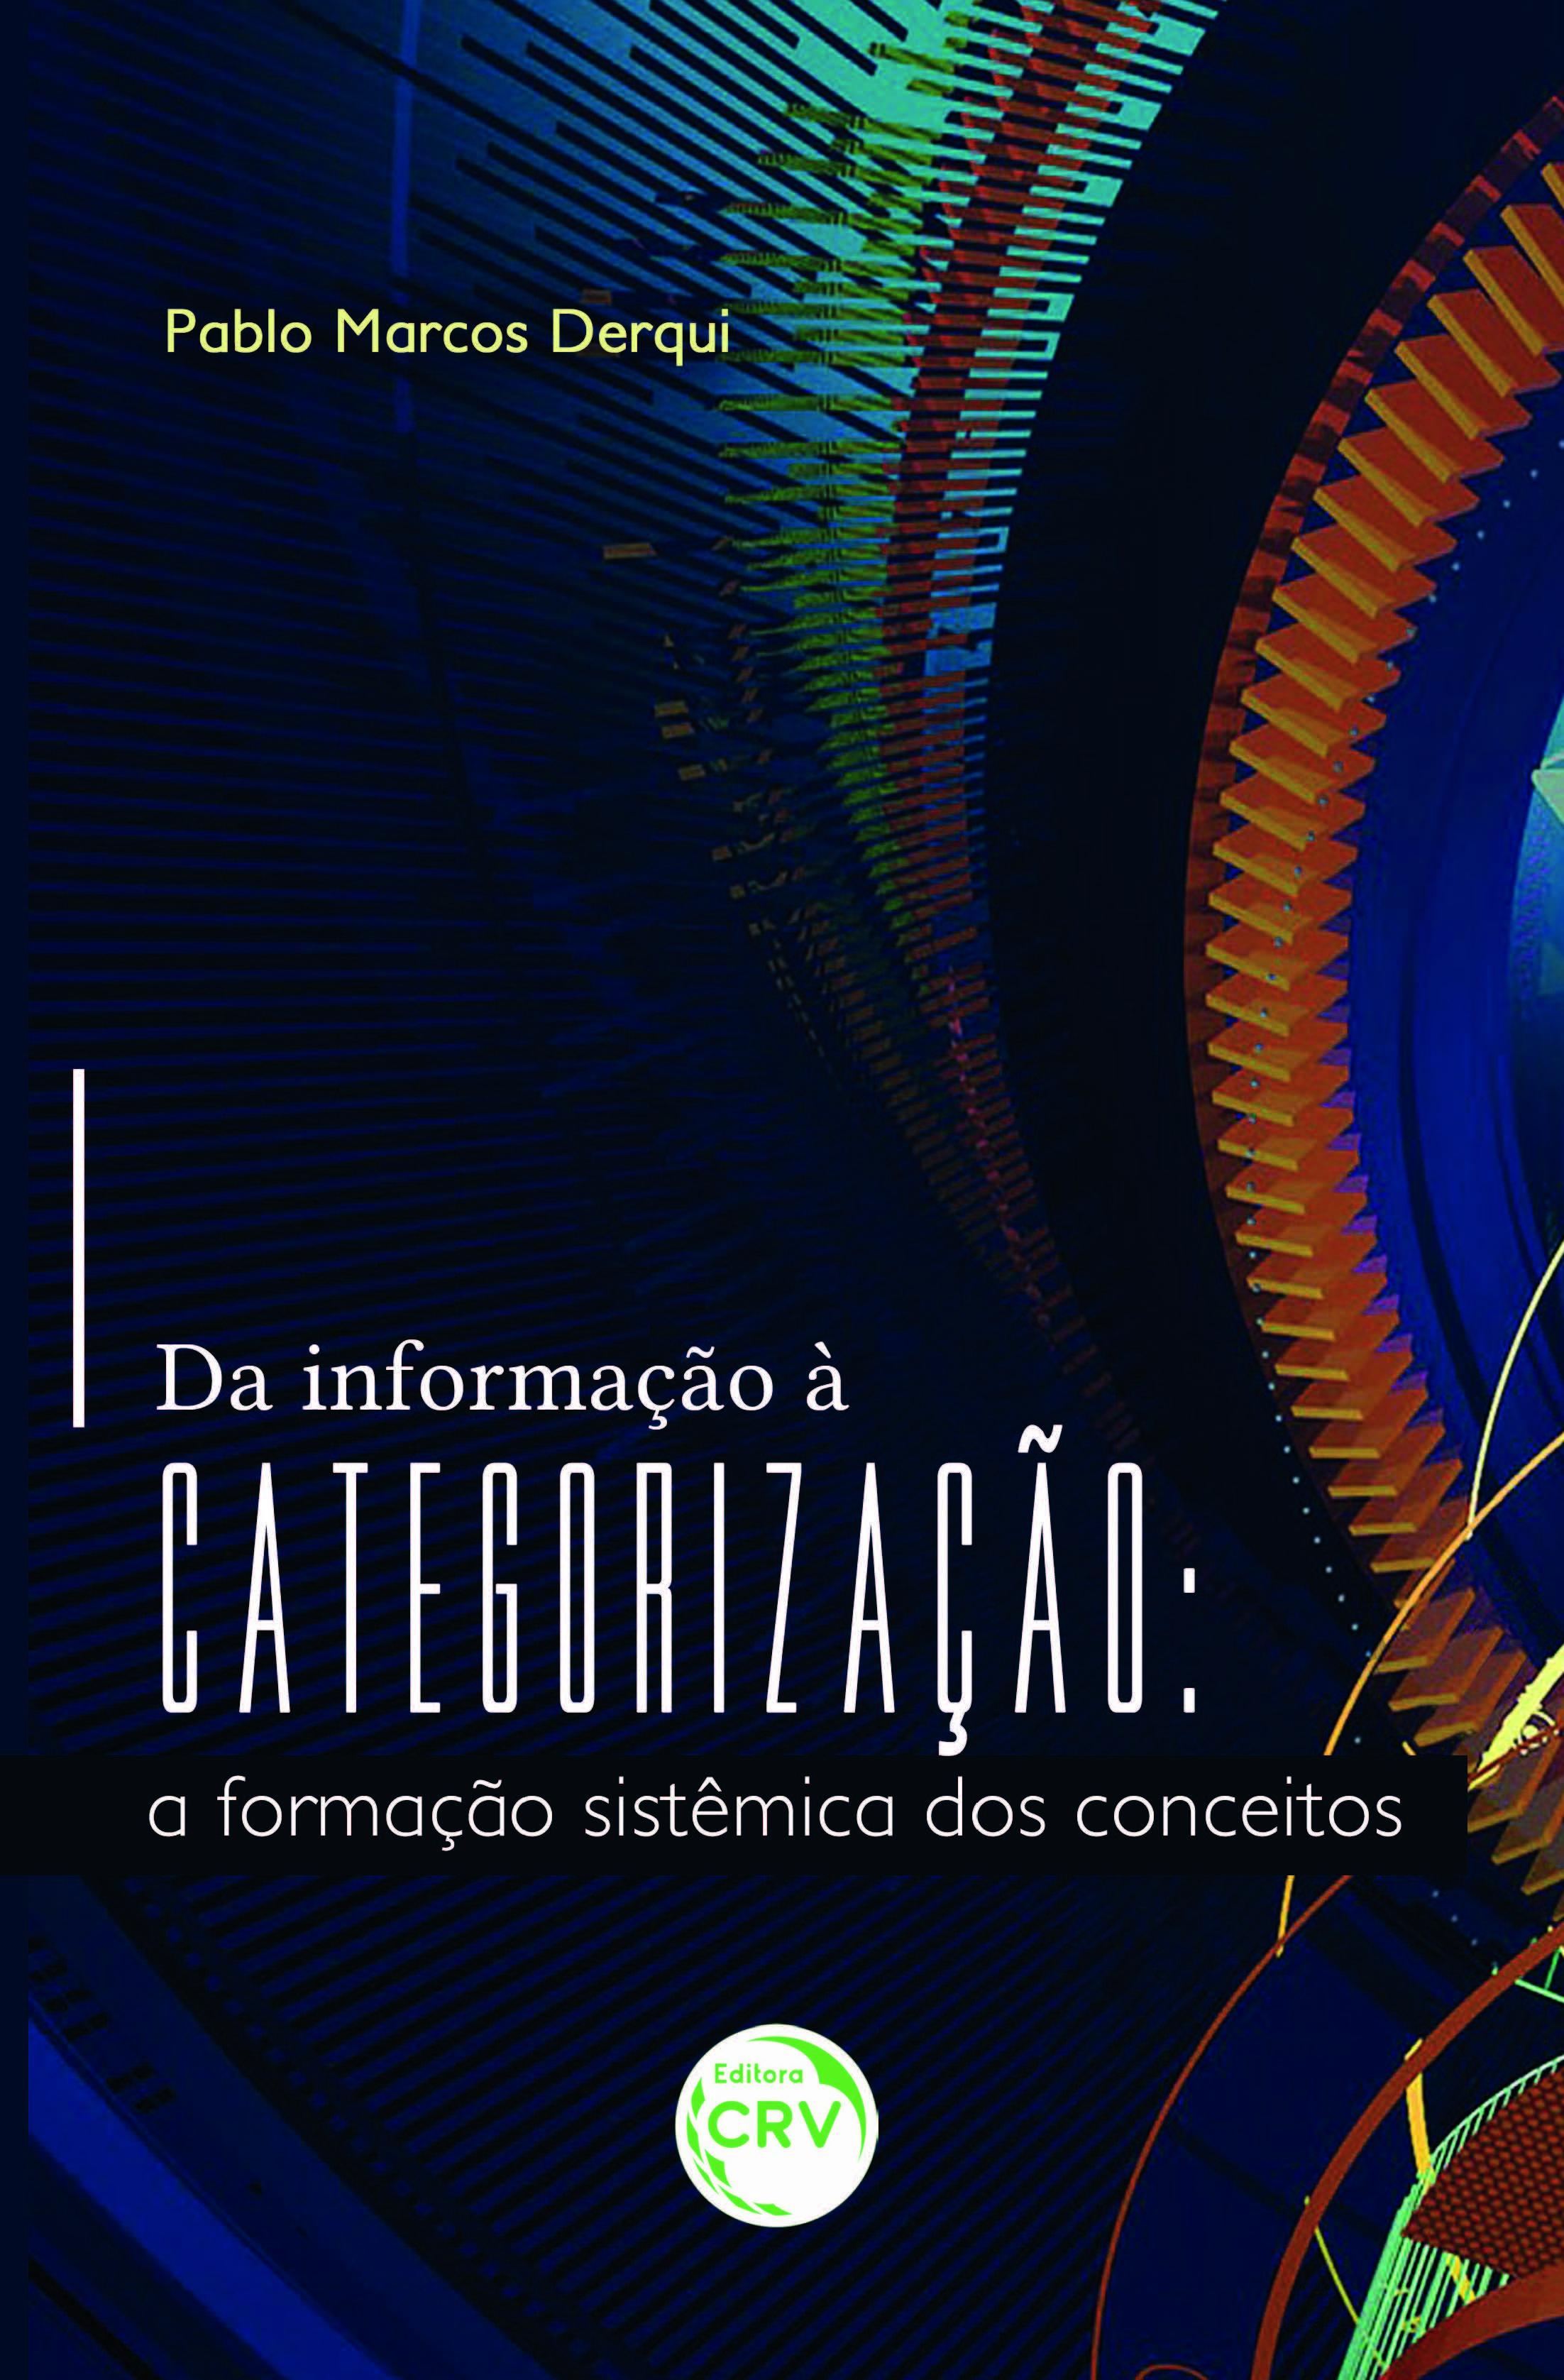 Capa do livro: DA INFORMAÇÃO À CATEGORIZAÇÃO:<br> a formação sistêmica dos conceitos